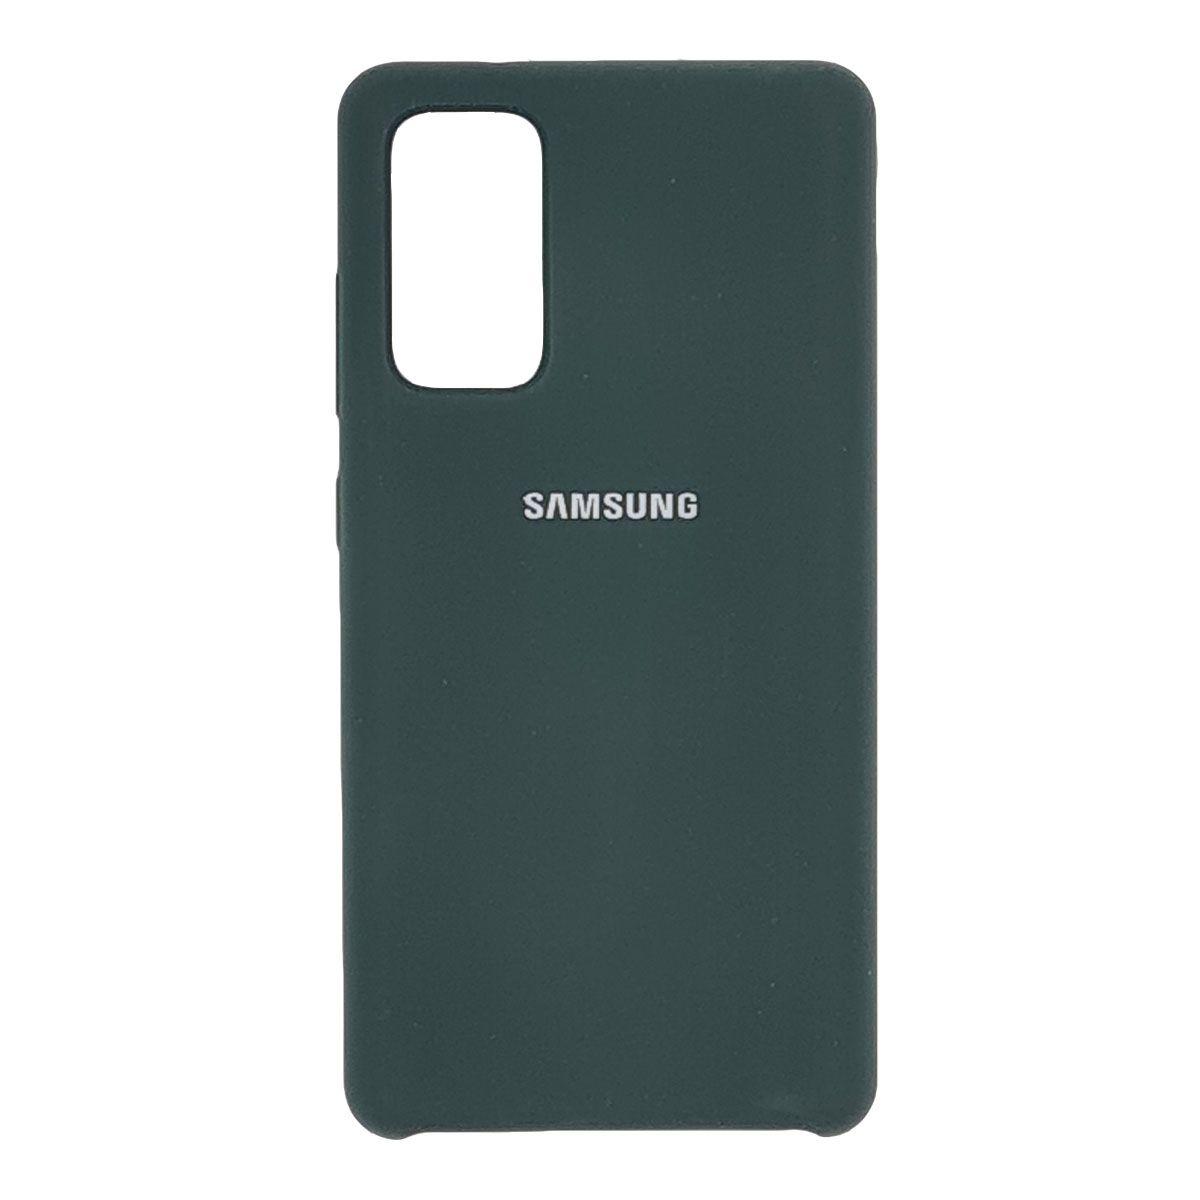 کاور مدل Sillic مناسب برای گوشی موبایل سامسونگ Galaxy S20 FE                     غیر اصل